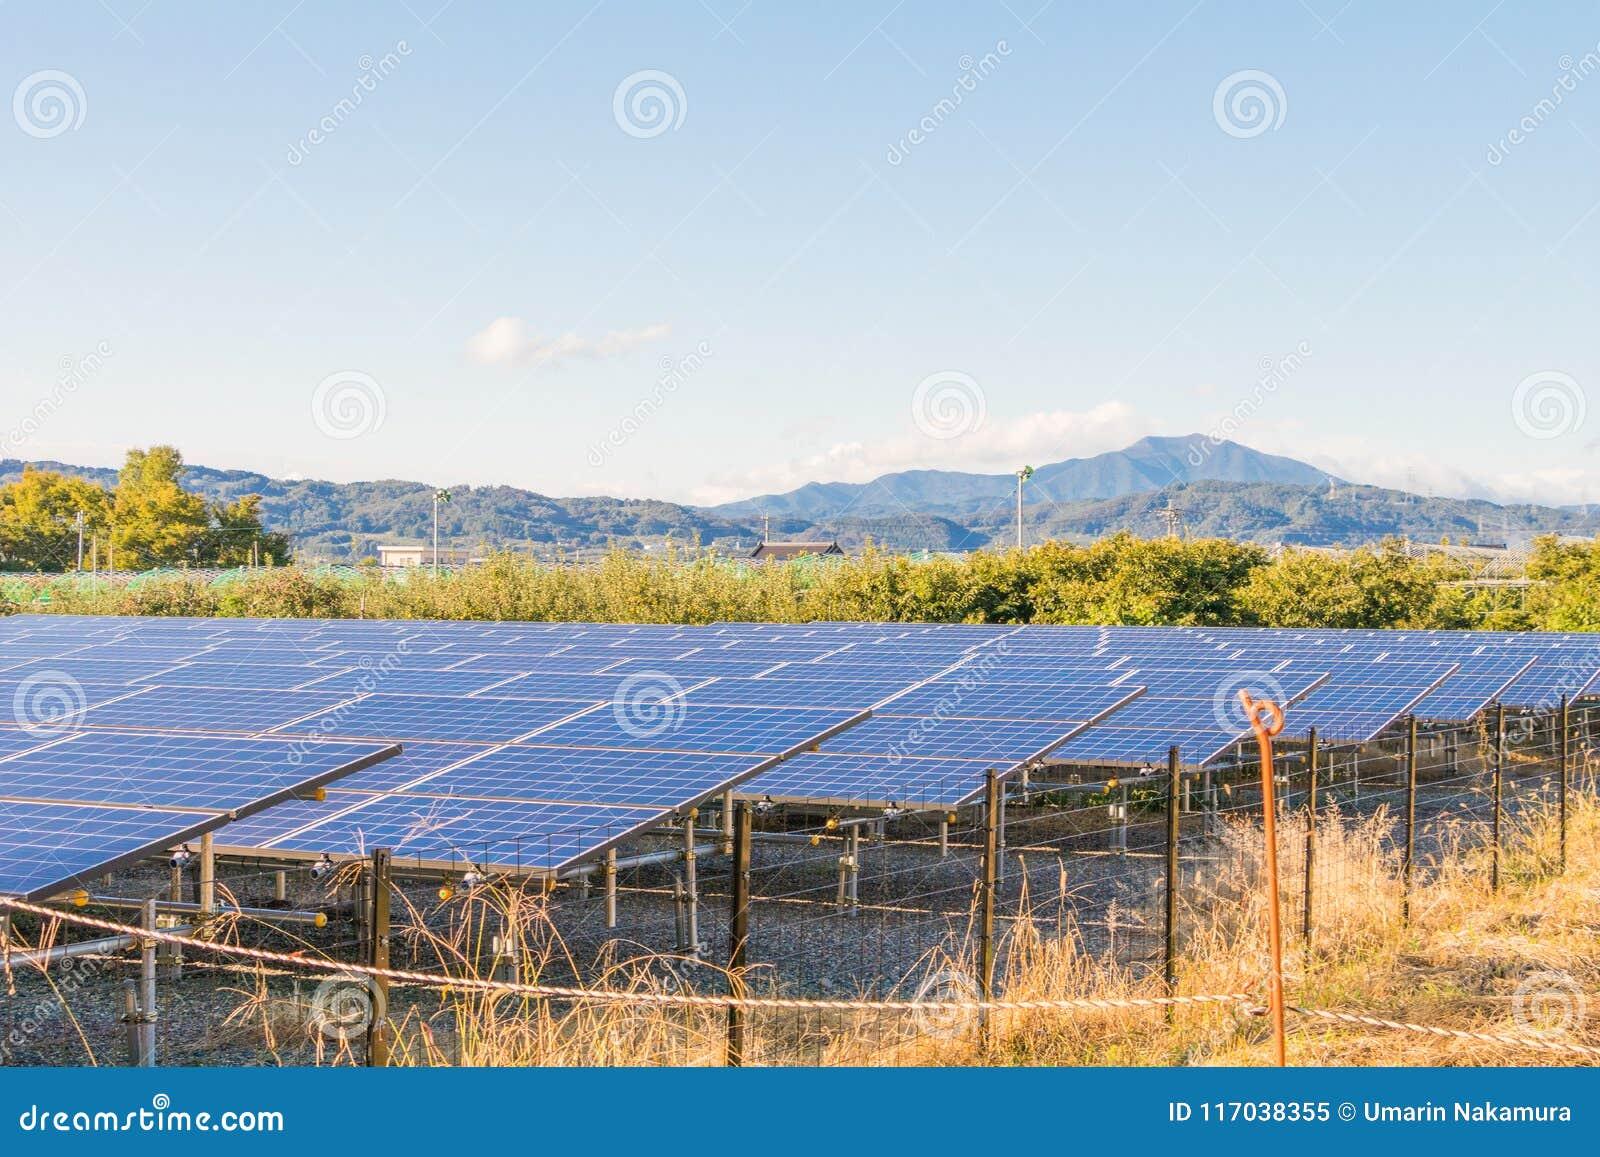 Solarenergiegremien, photo-voltaische Module für Innovation grünen en